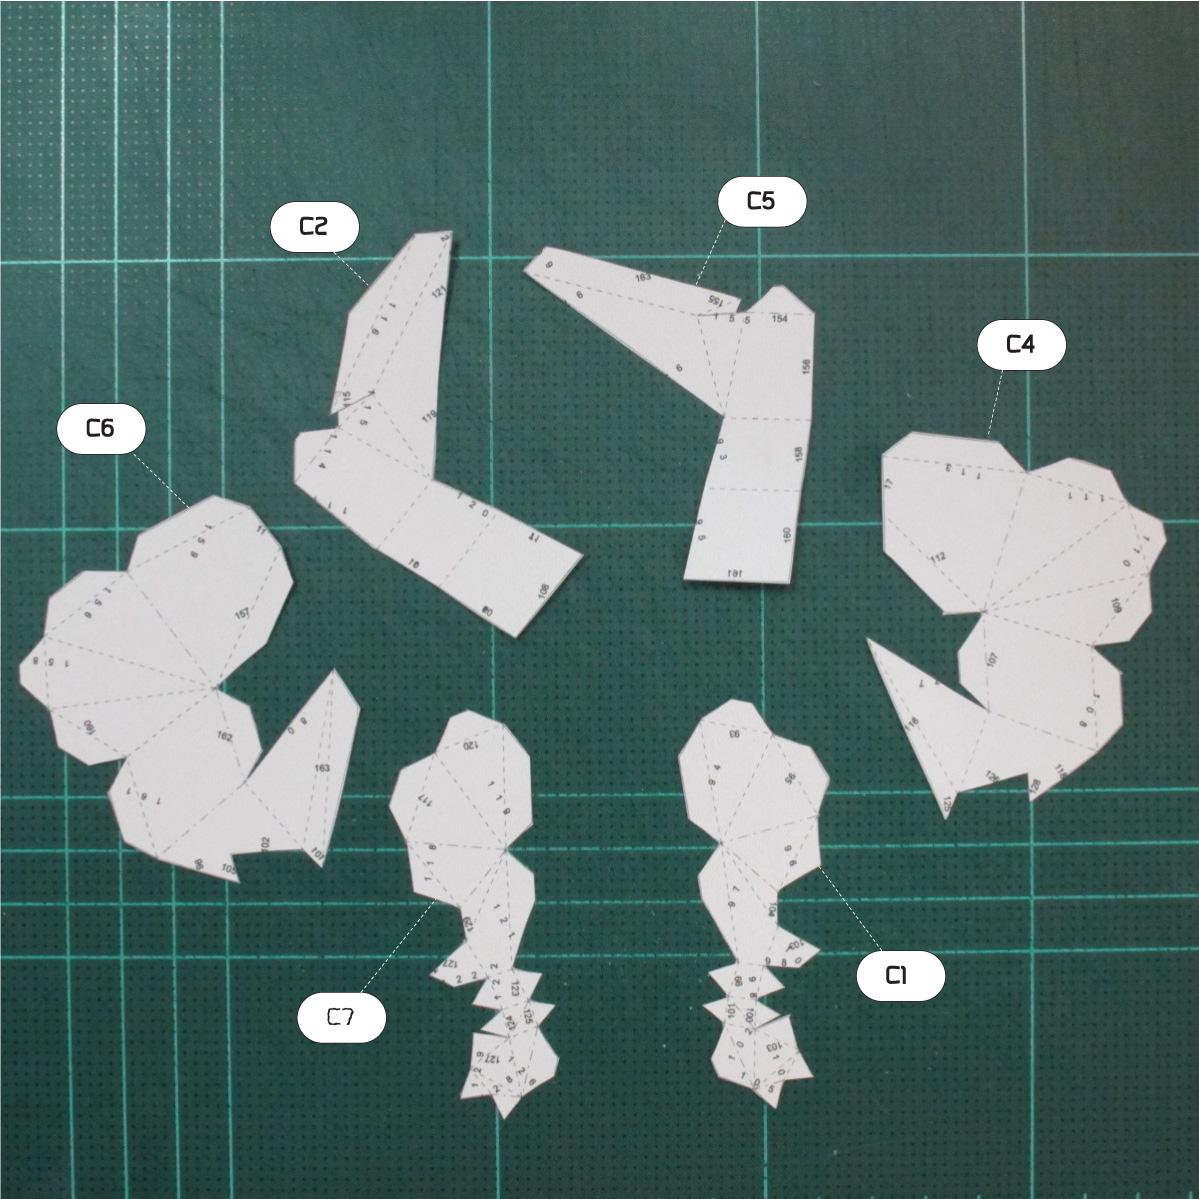 วิธีทำโมเดลกระดาษคุกกี้รันจิ้งจอกเก้าหางในร่างหมาจิ้งจอก (Cookie Run Ninetails Fox Form Papercraft Model) 009